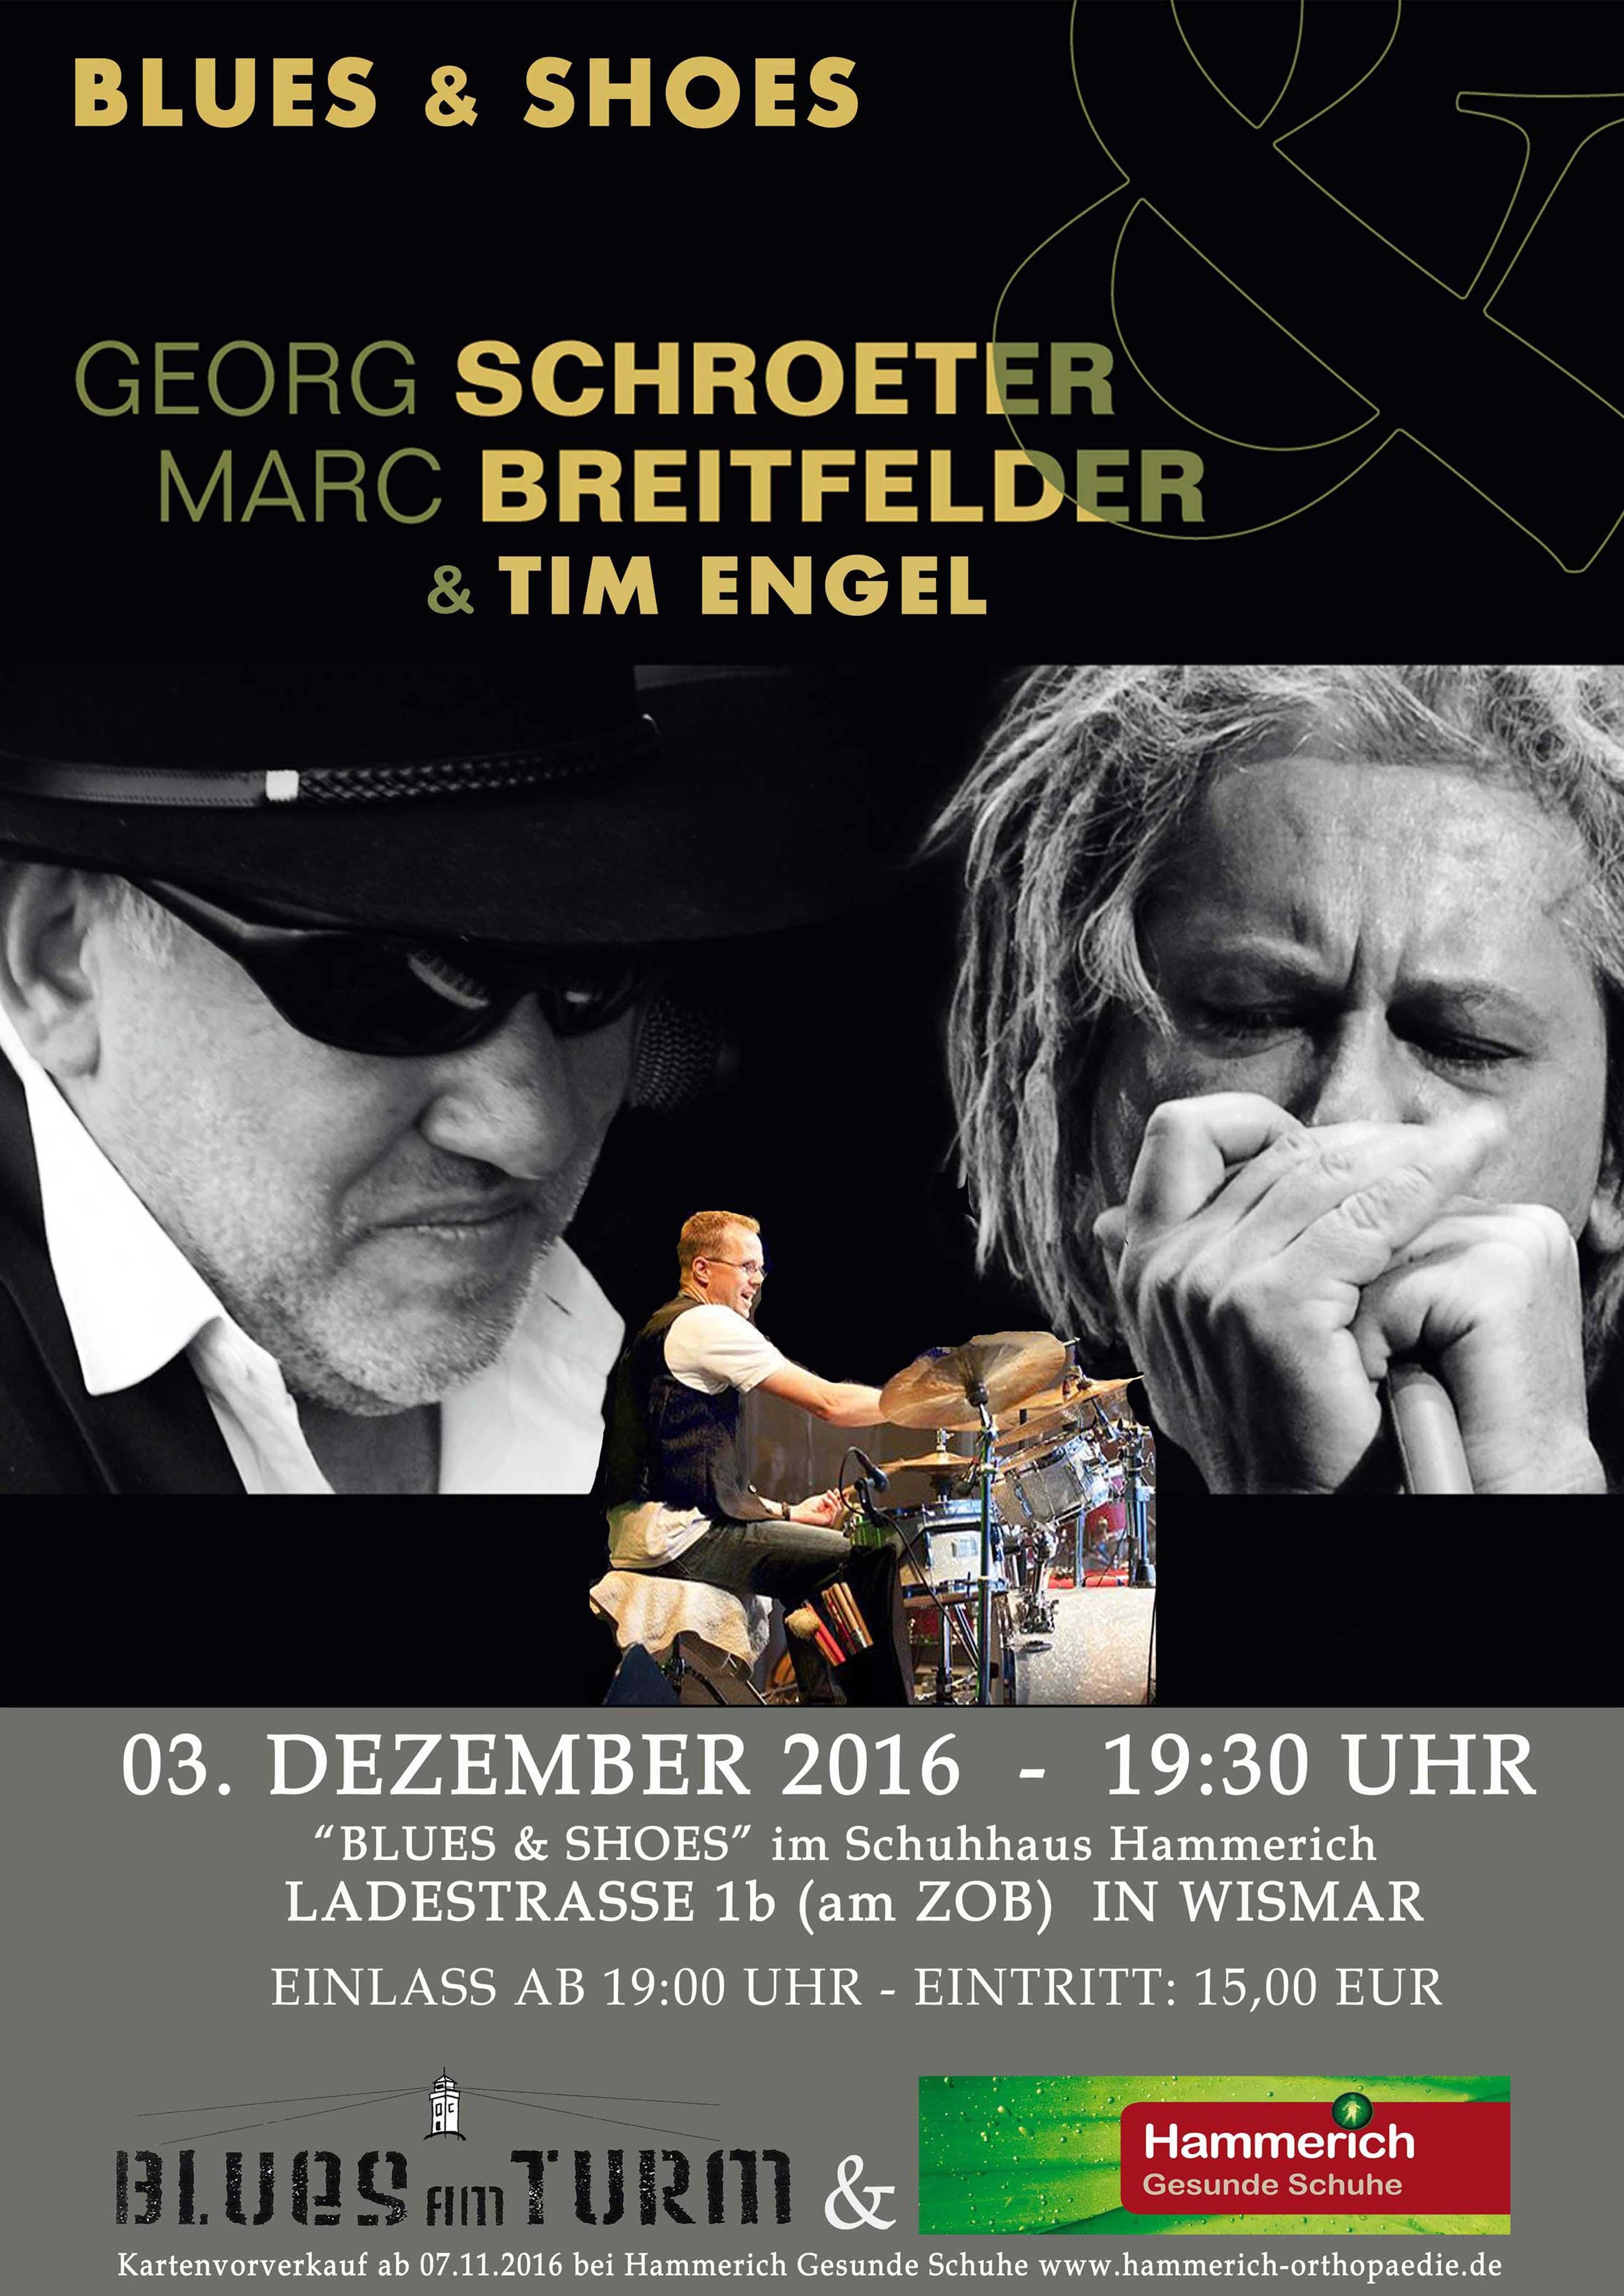 Blues & Shoes Konzert bei Hammerich Gesunde Schuhe